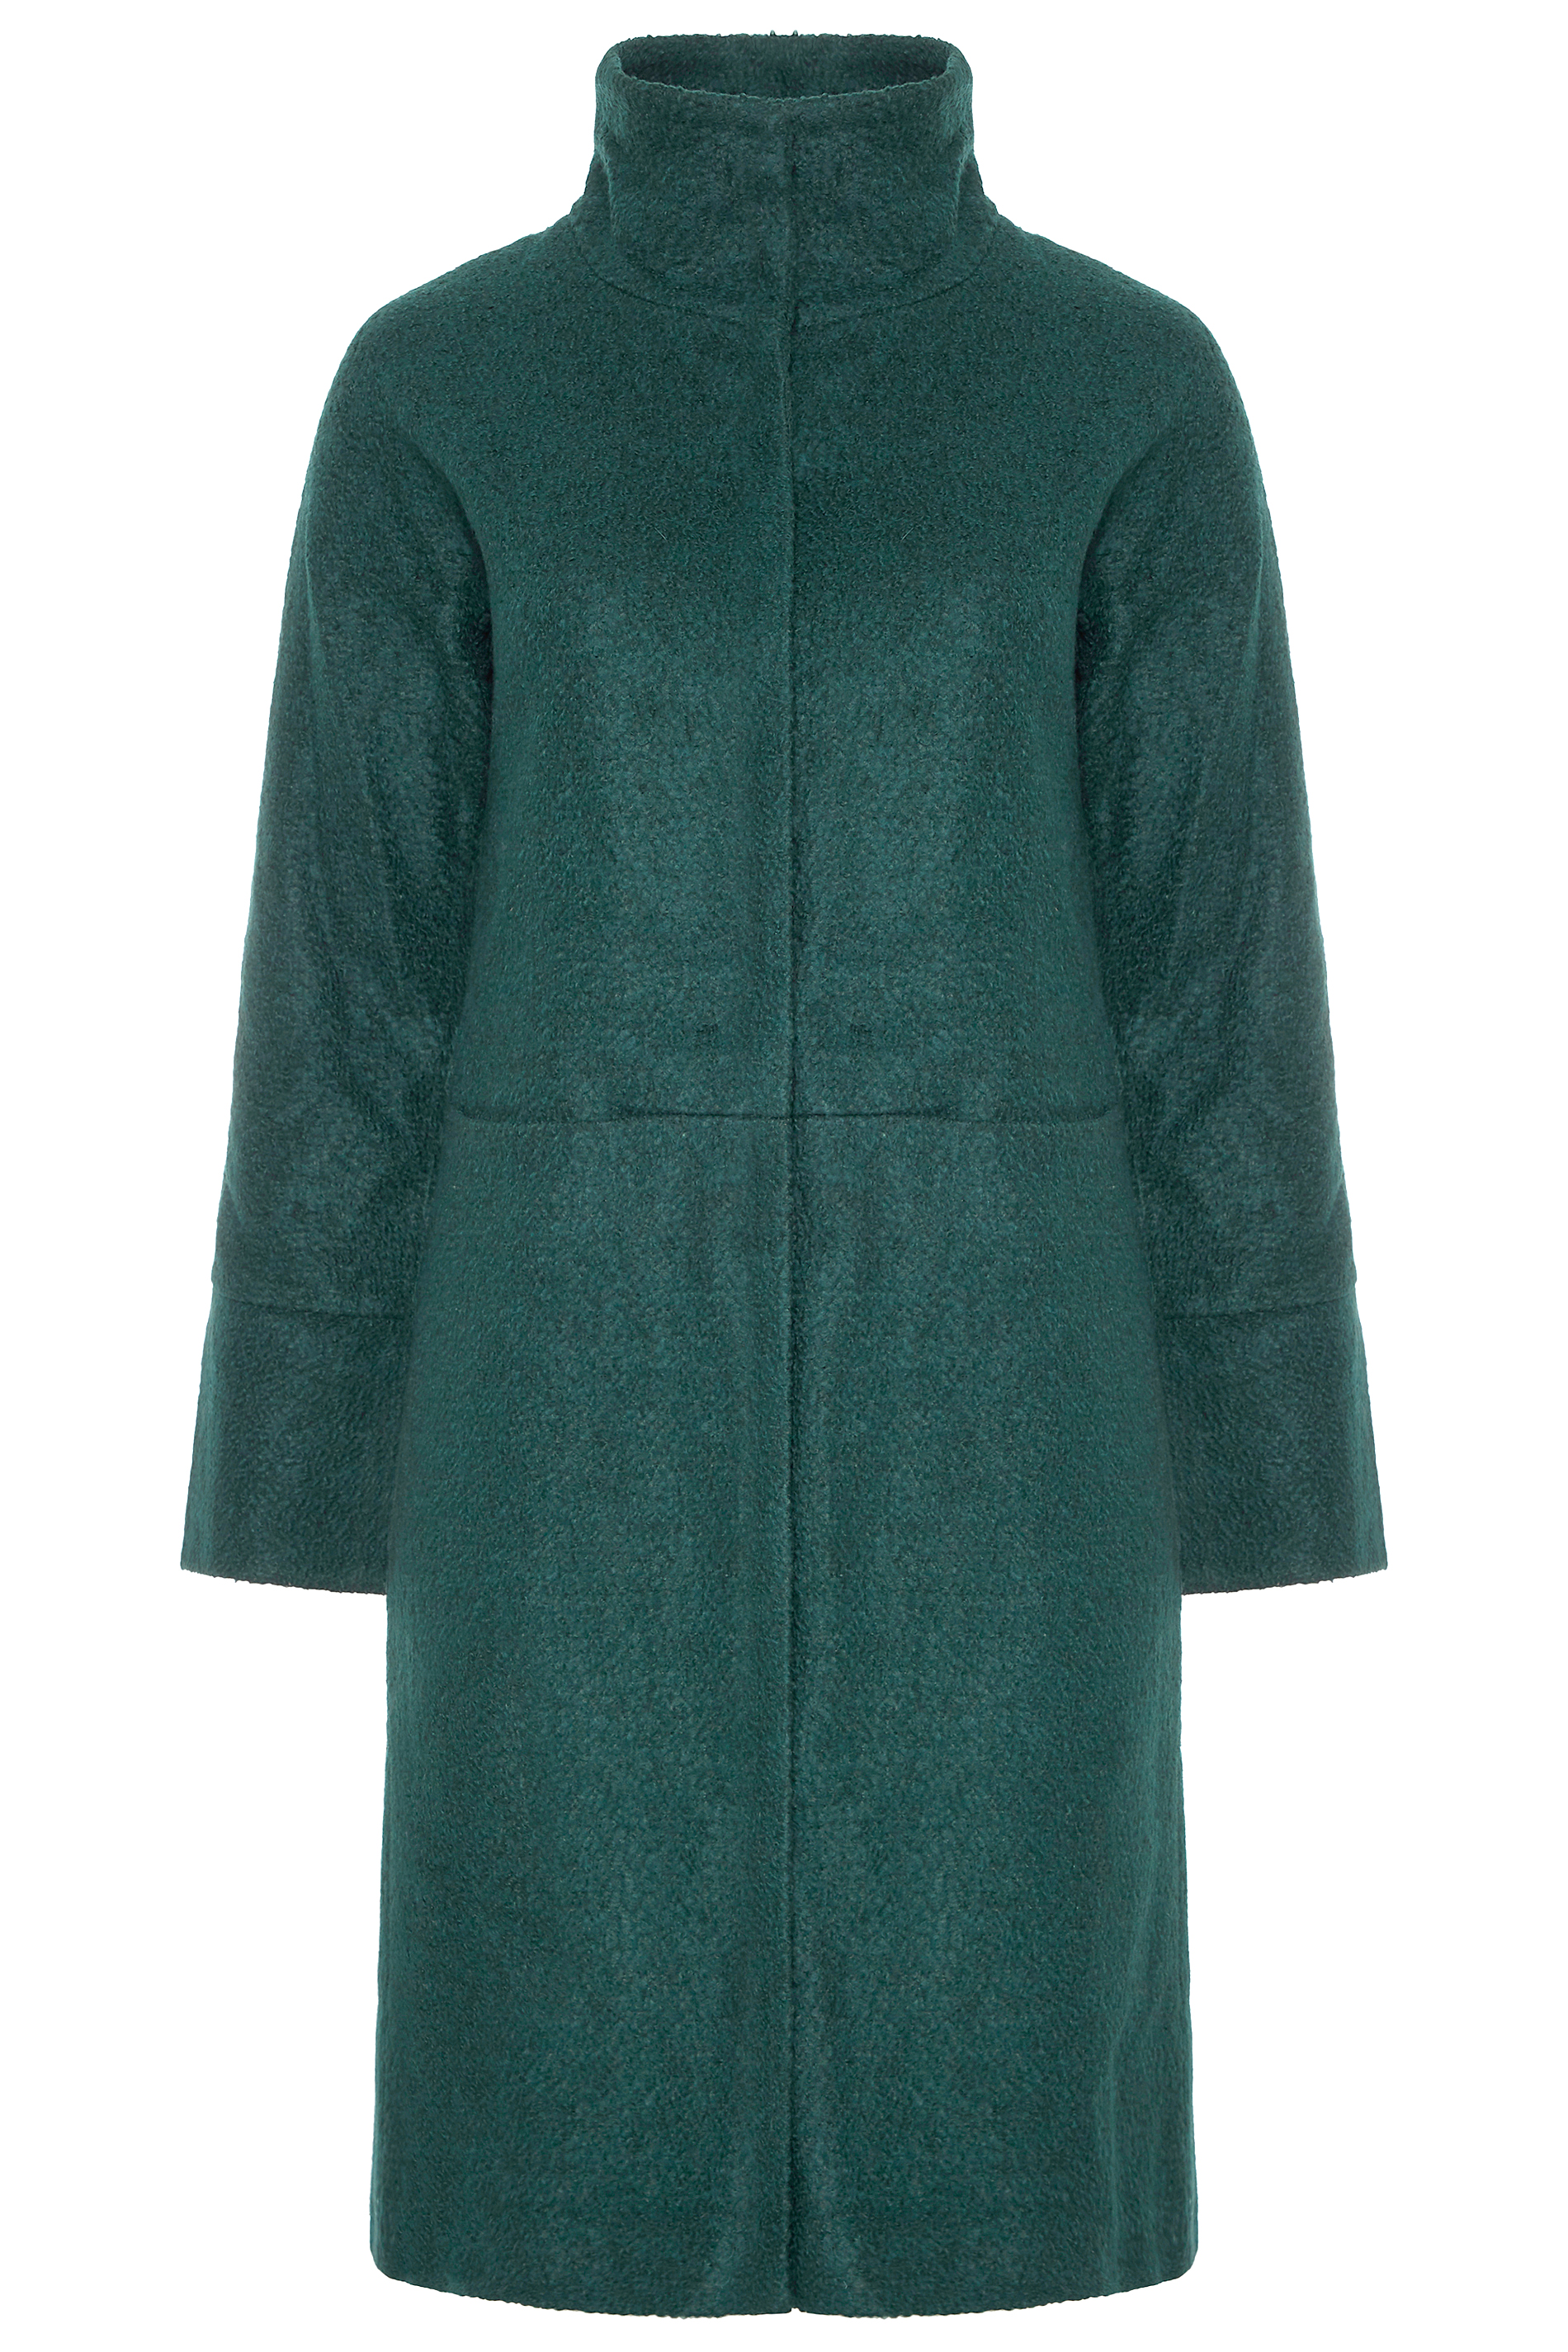 Bottle Green Wool Mix Funnel Neck Coat